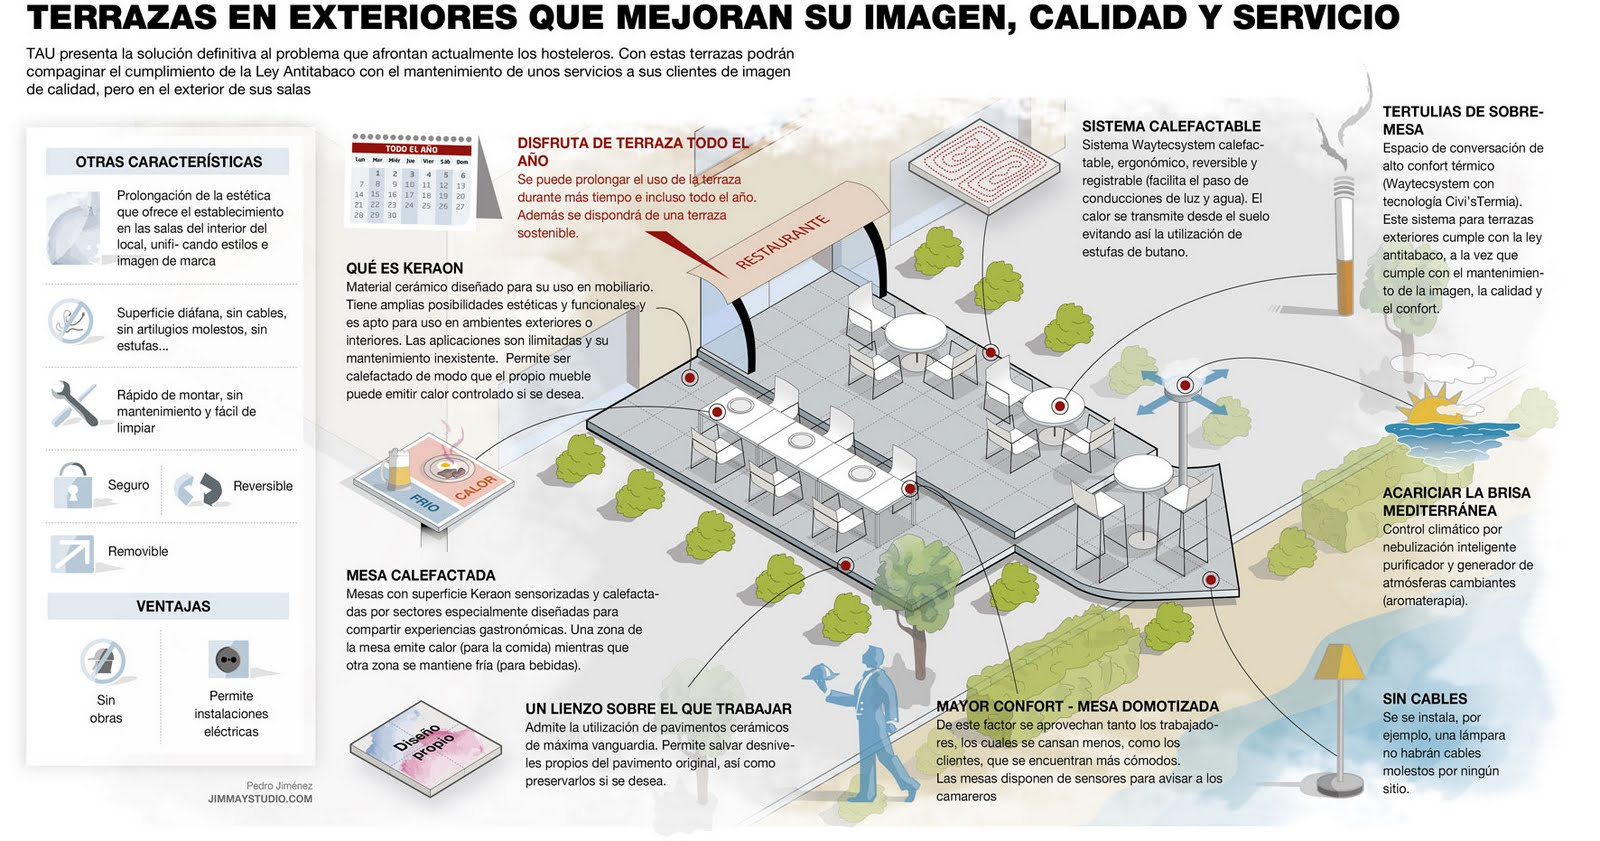 Infografia Periodistica Y Diseño Gráfico Terrazas